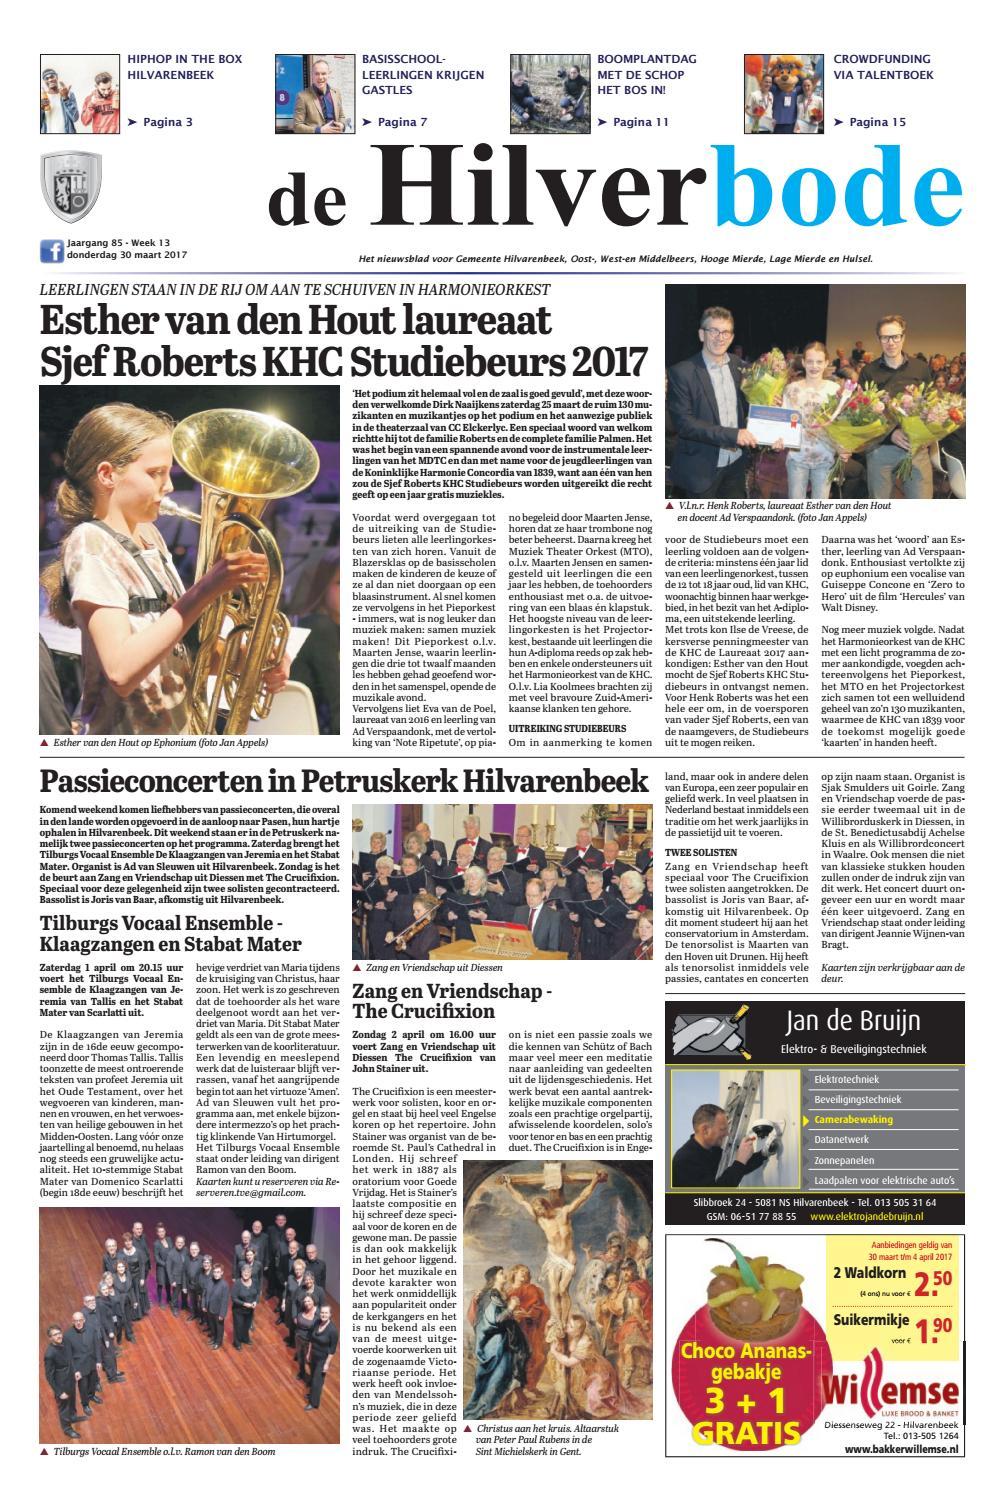 De Hilverbode 30 03 2017 By Uitgeverij Em De Jong Issuu